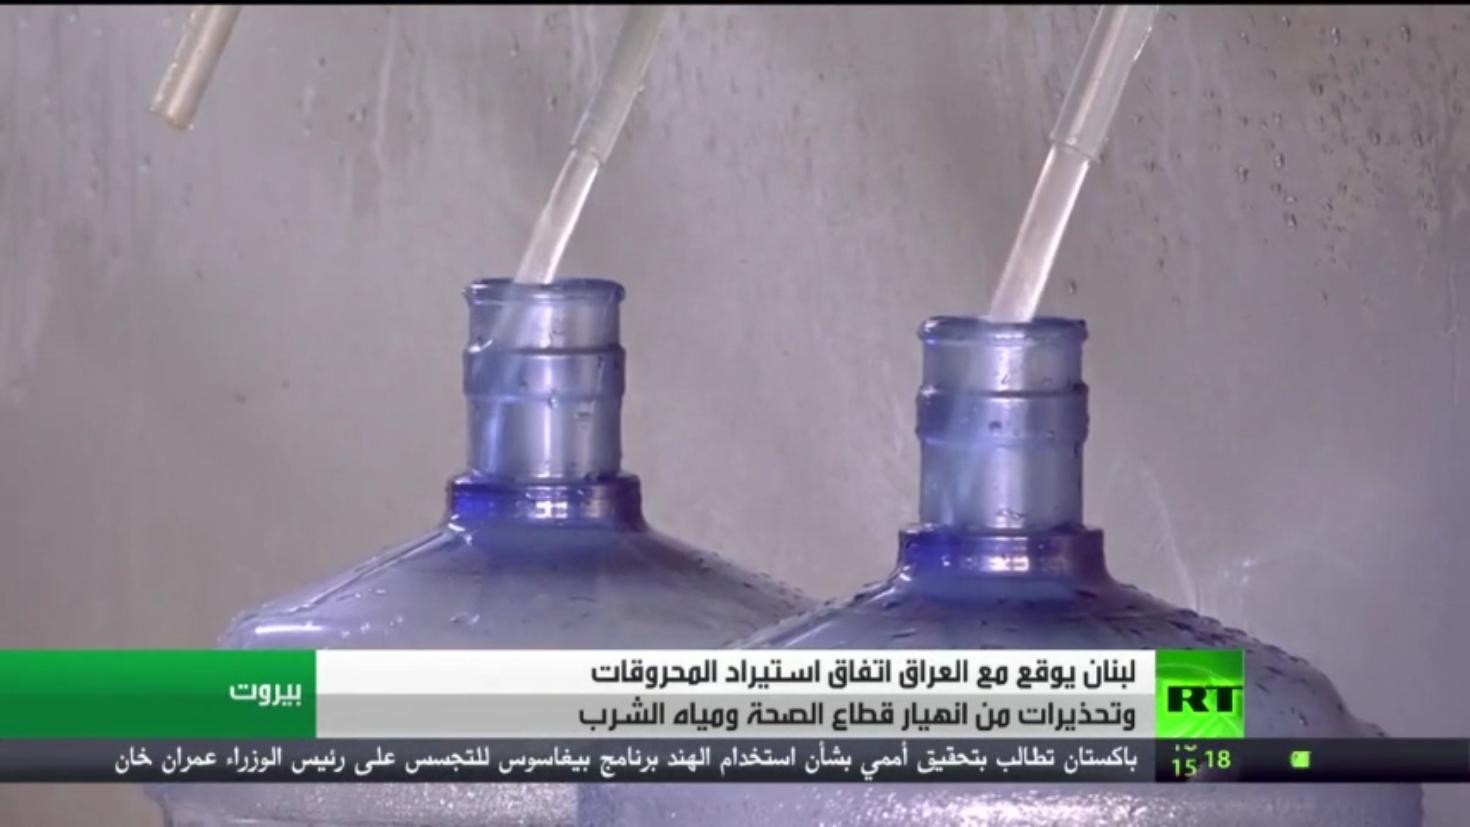 لبنان يوقع مع العراق اتفاق استيراد المحروقات وتحذيرات من انهيار قطاع الصحة ومياه الشرب